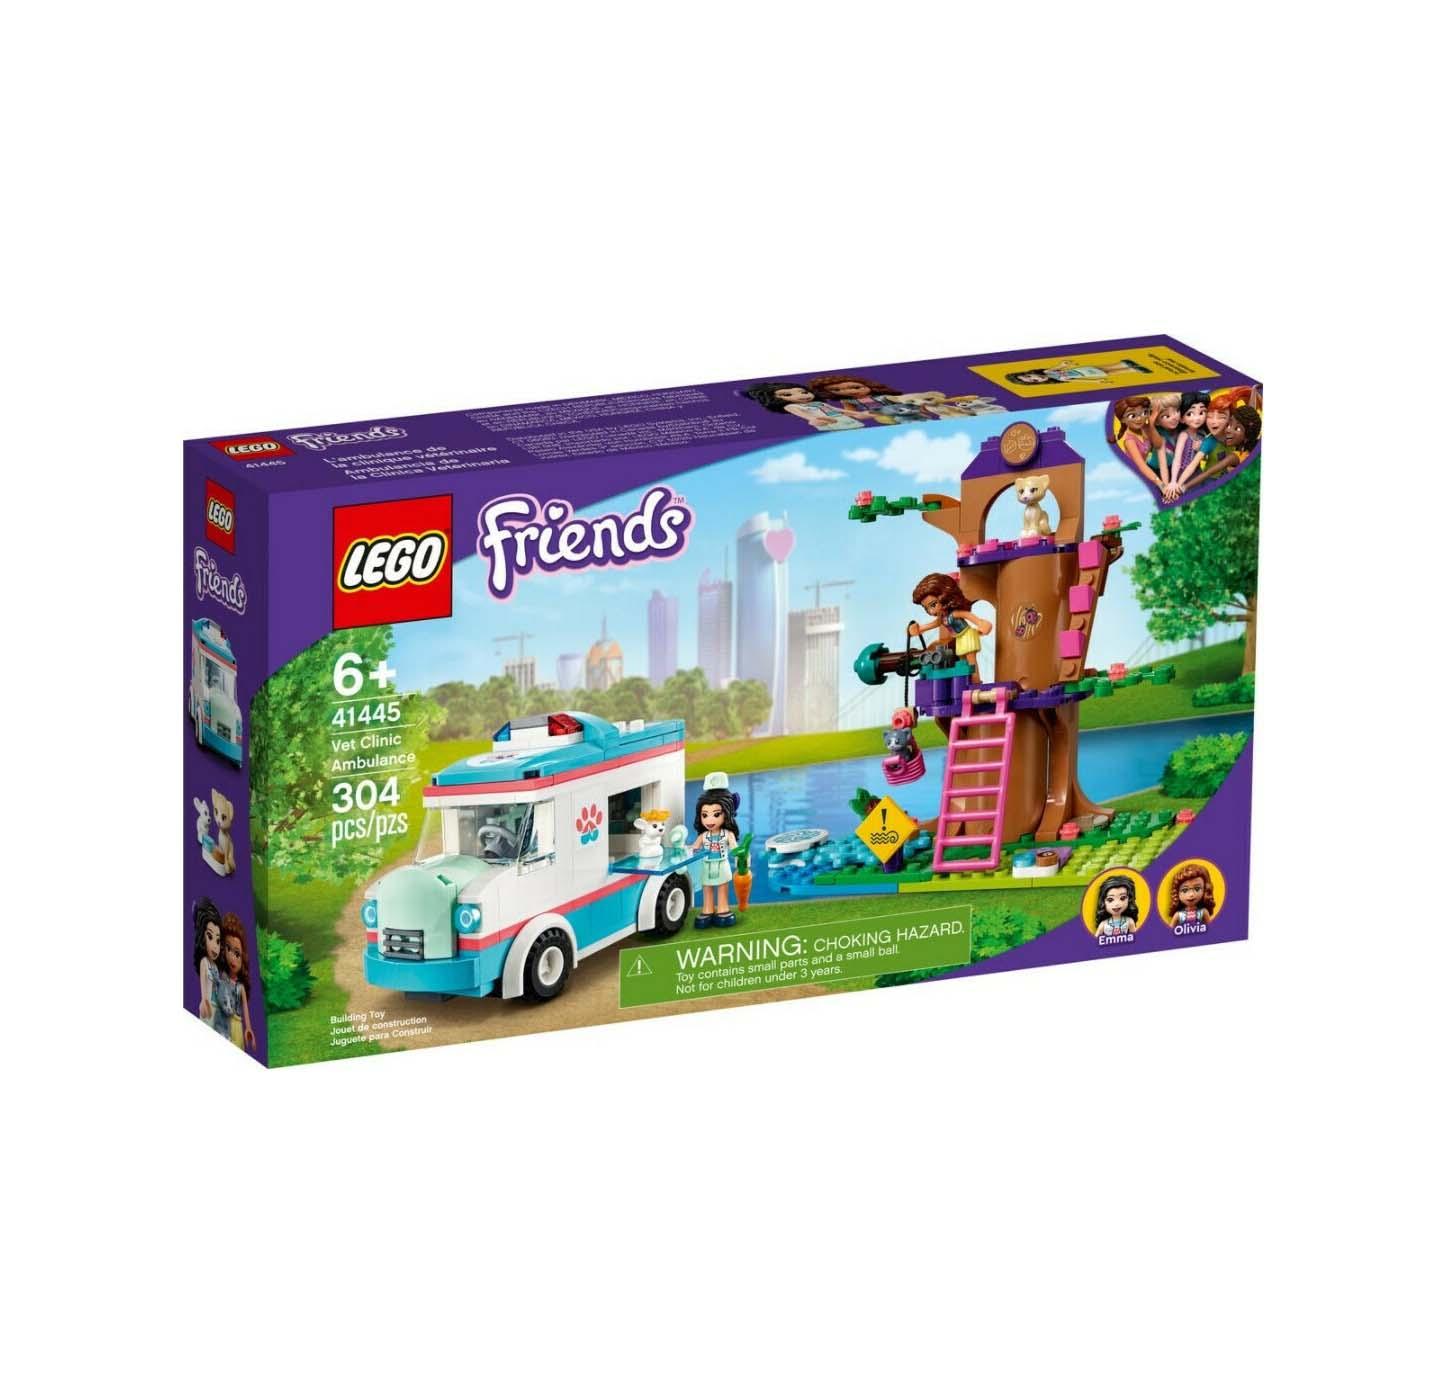 Lego Friends: Vet Clinic Ambulance 41445